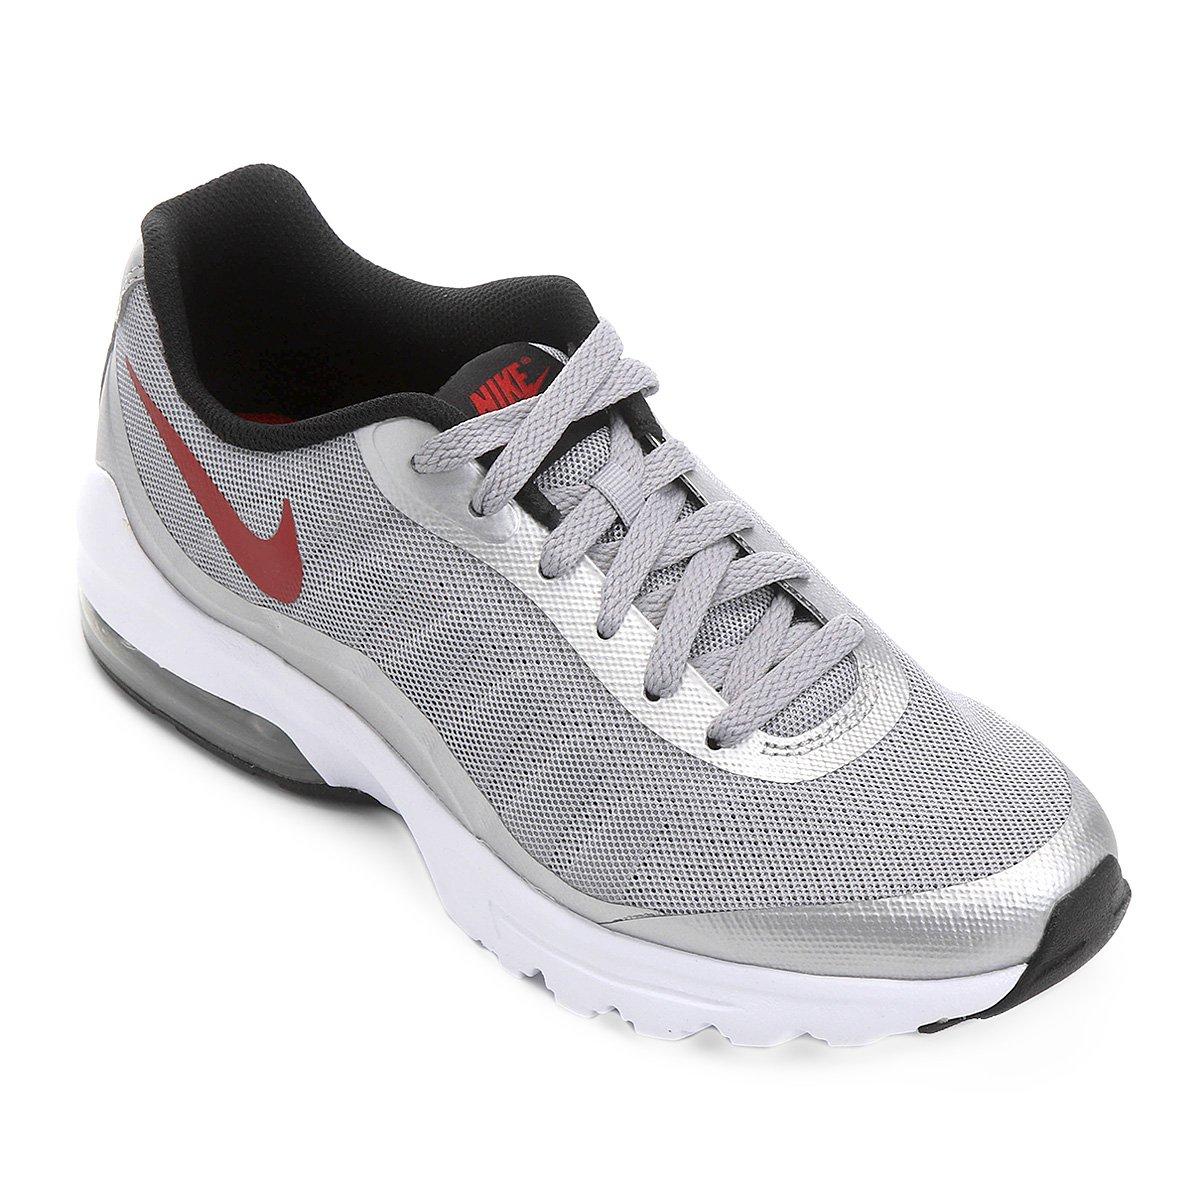 87c1613a21 Tênis Nike Air Max Invigor Masculino - Cinza e Vermelho - Compre Agora